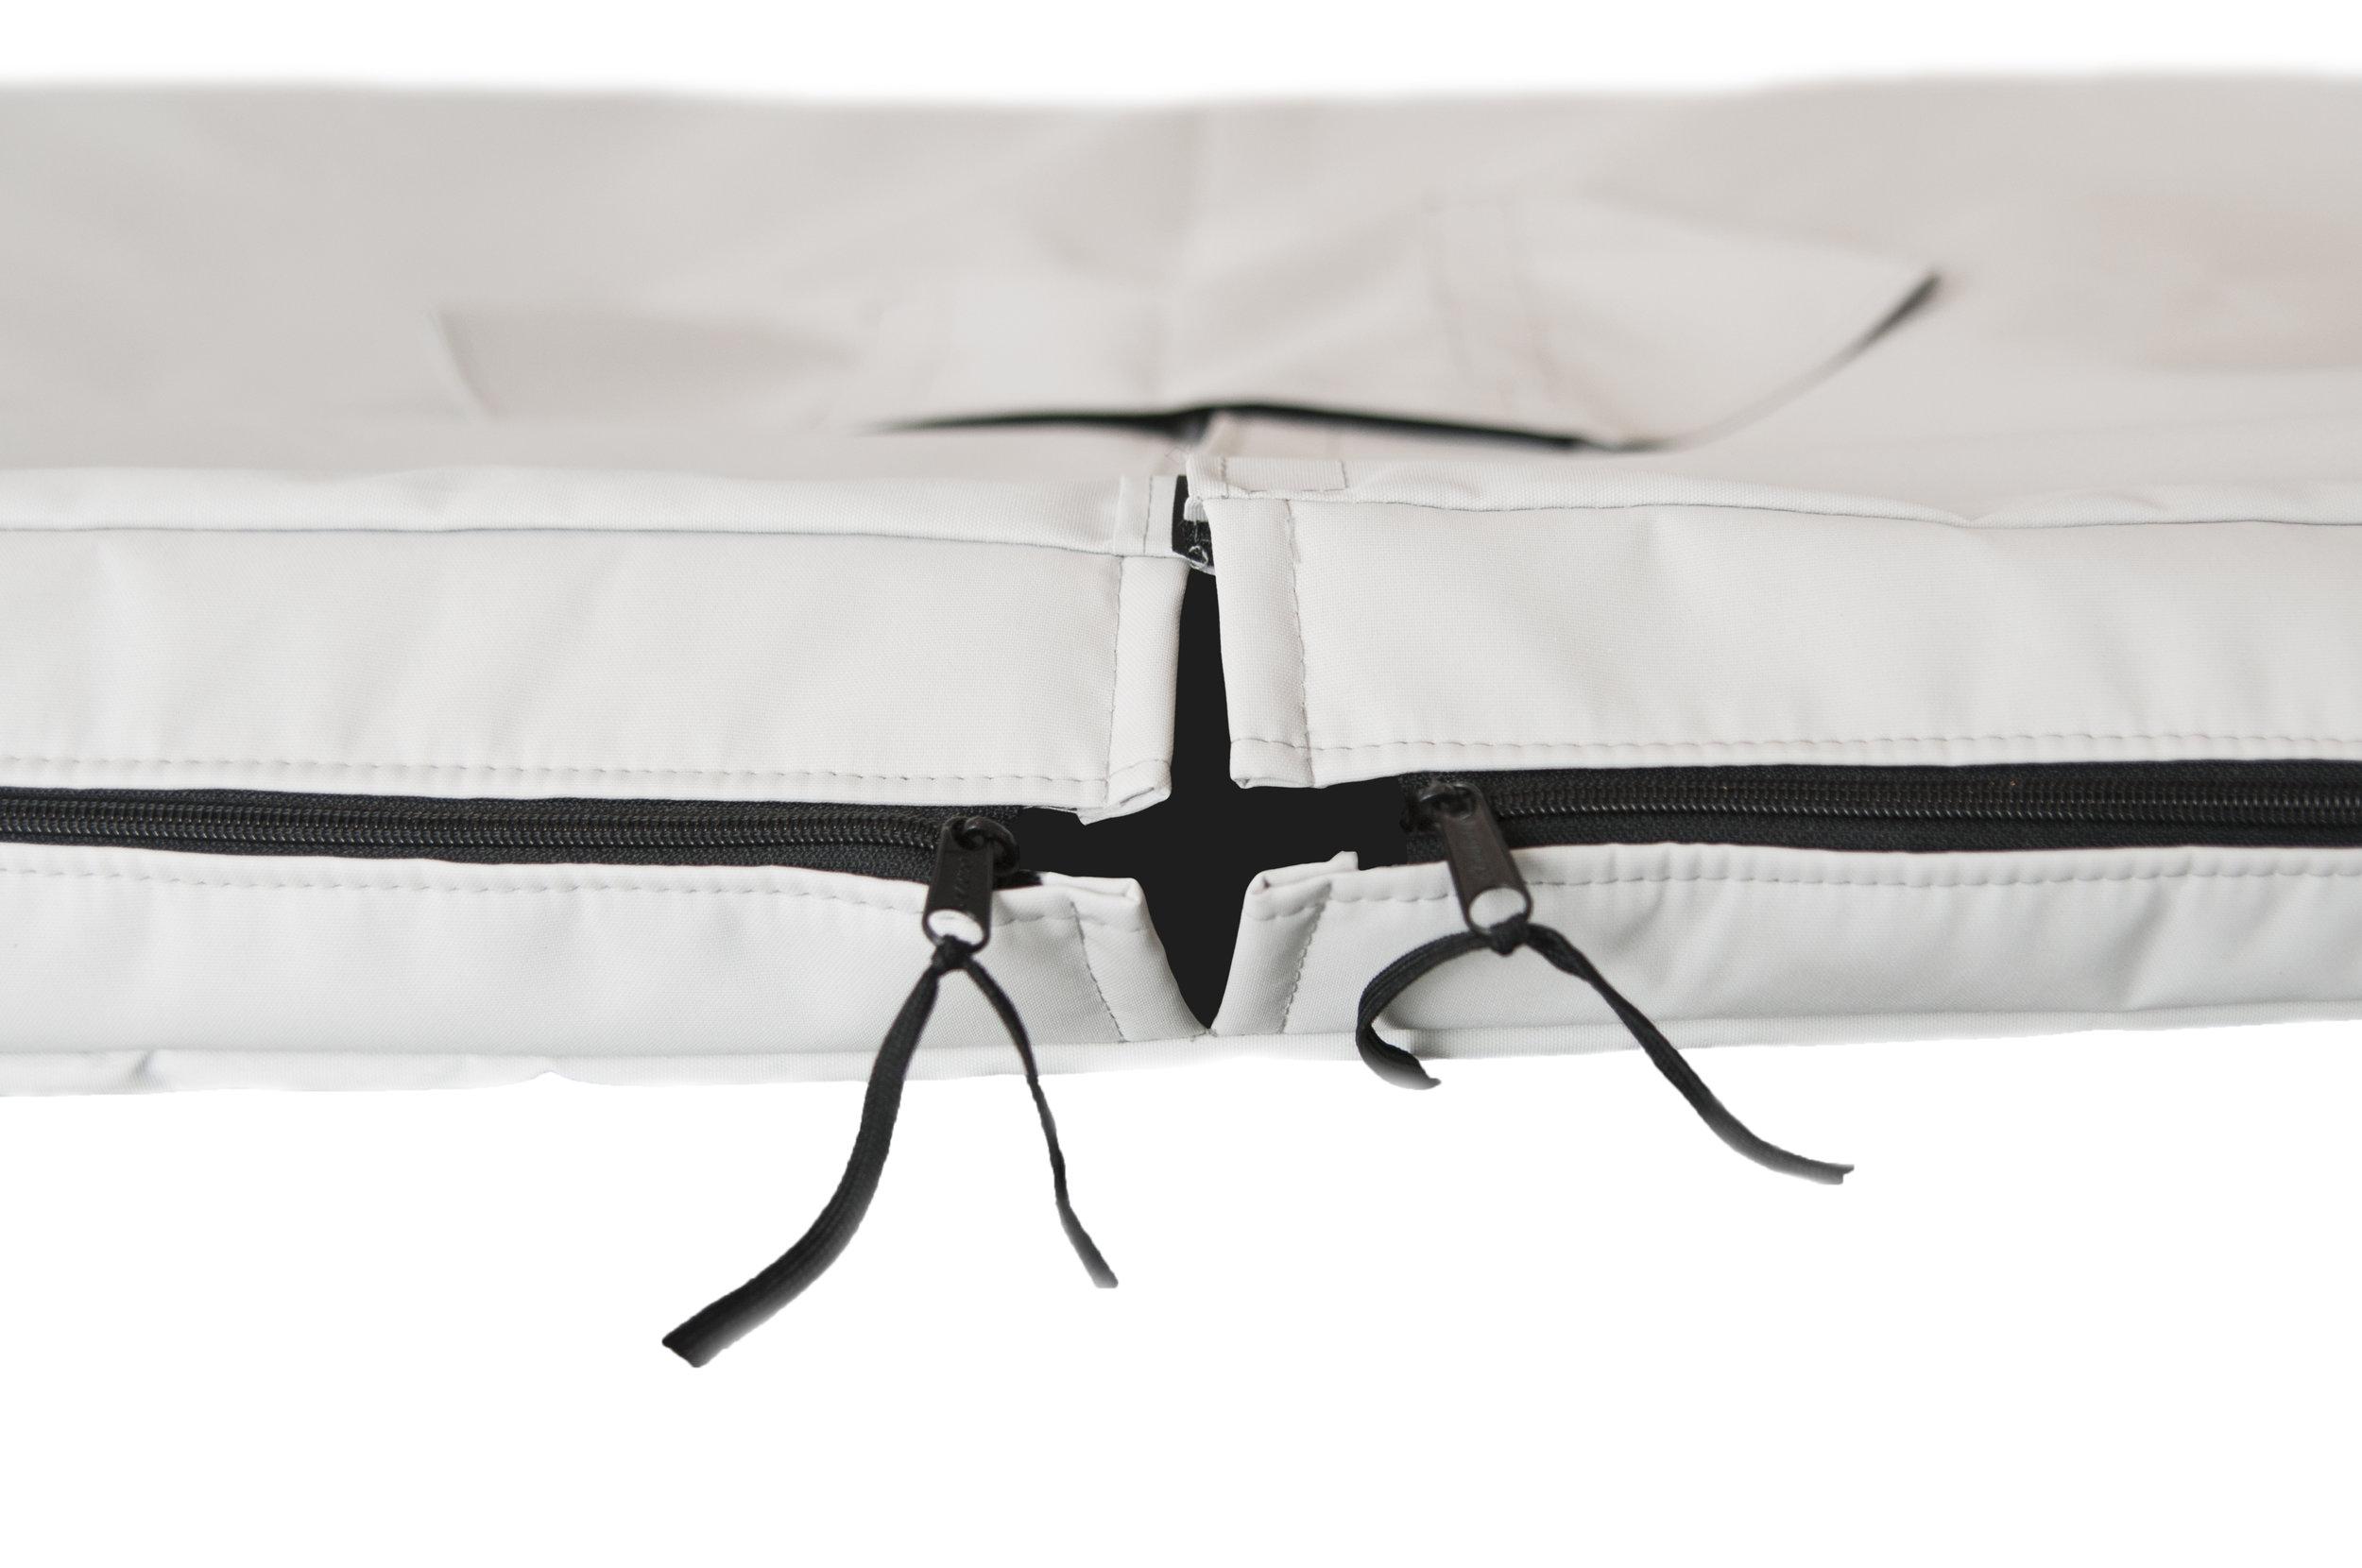 Zipper Flaps